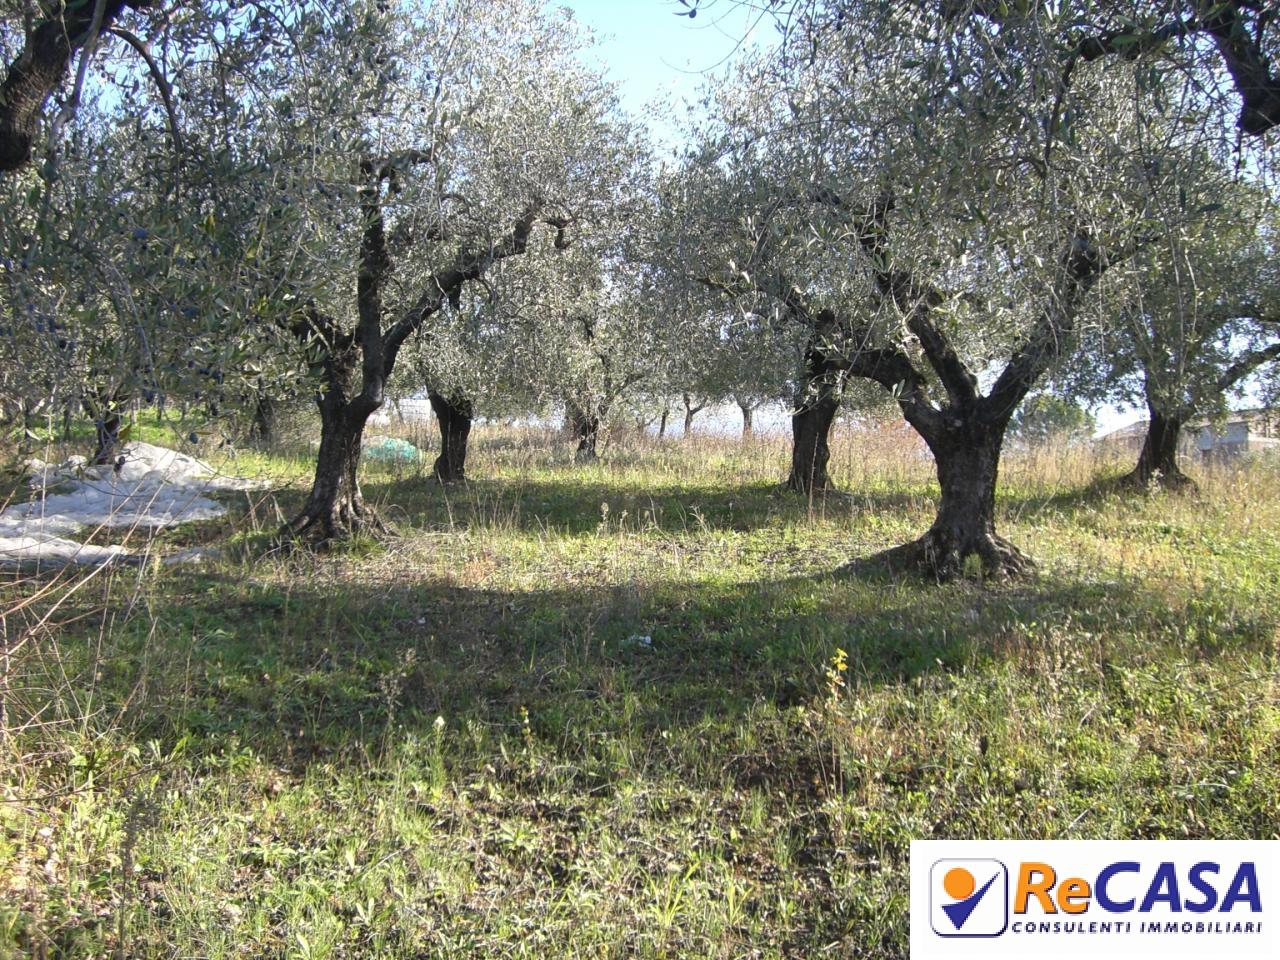 Terreno Agricolo in vendita a Montecorvino Rovella, 9999 locali, zona Zona: Macchia, prezzo € 9.500 | Cambio Casa.it